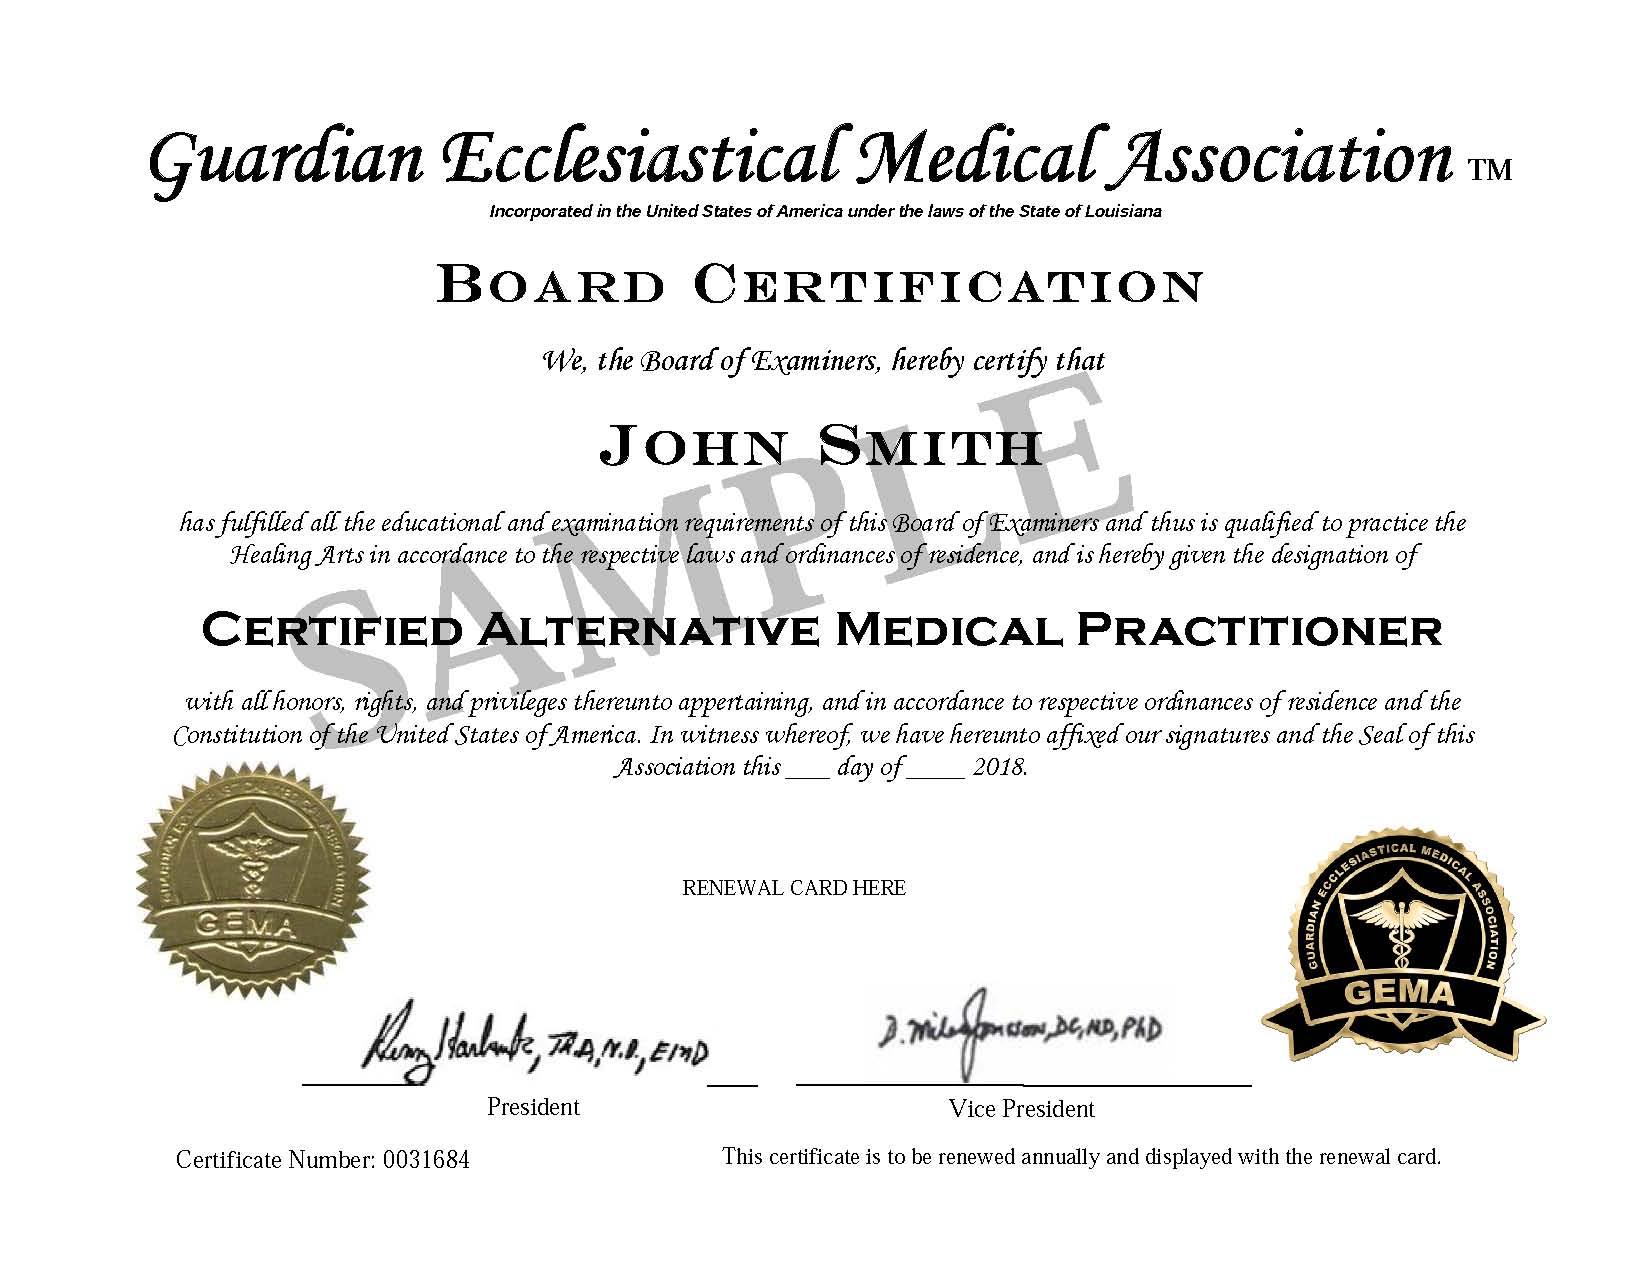 Gema Board Certification Certificate Guardian Ecclesiastical